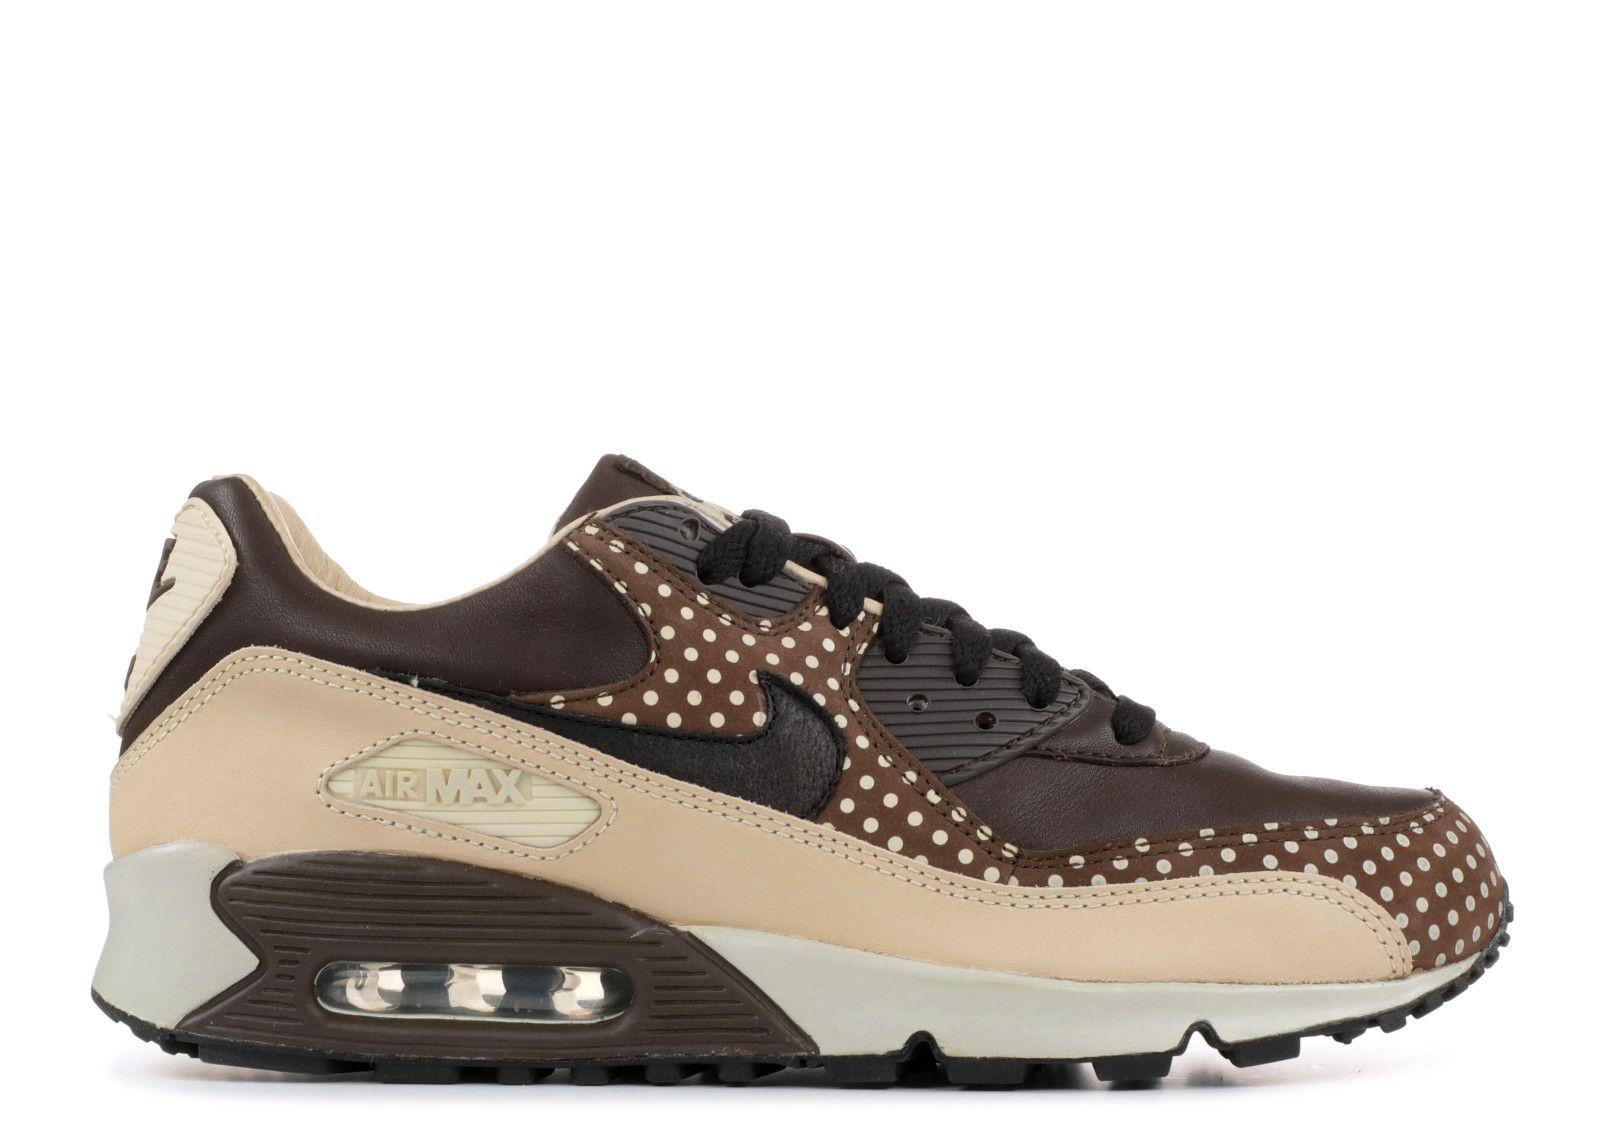 76a330c6f69093 Buy Nike Air Max 90